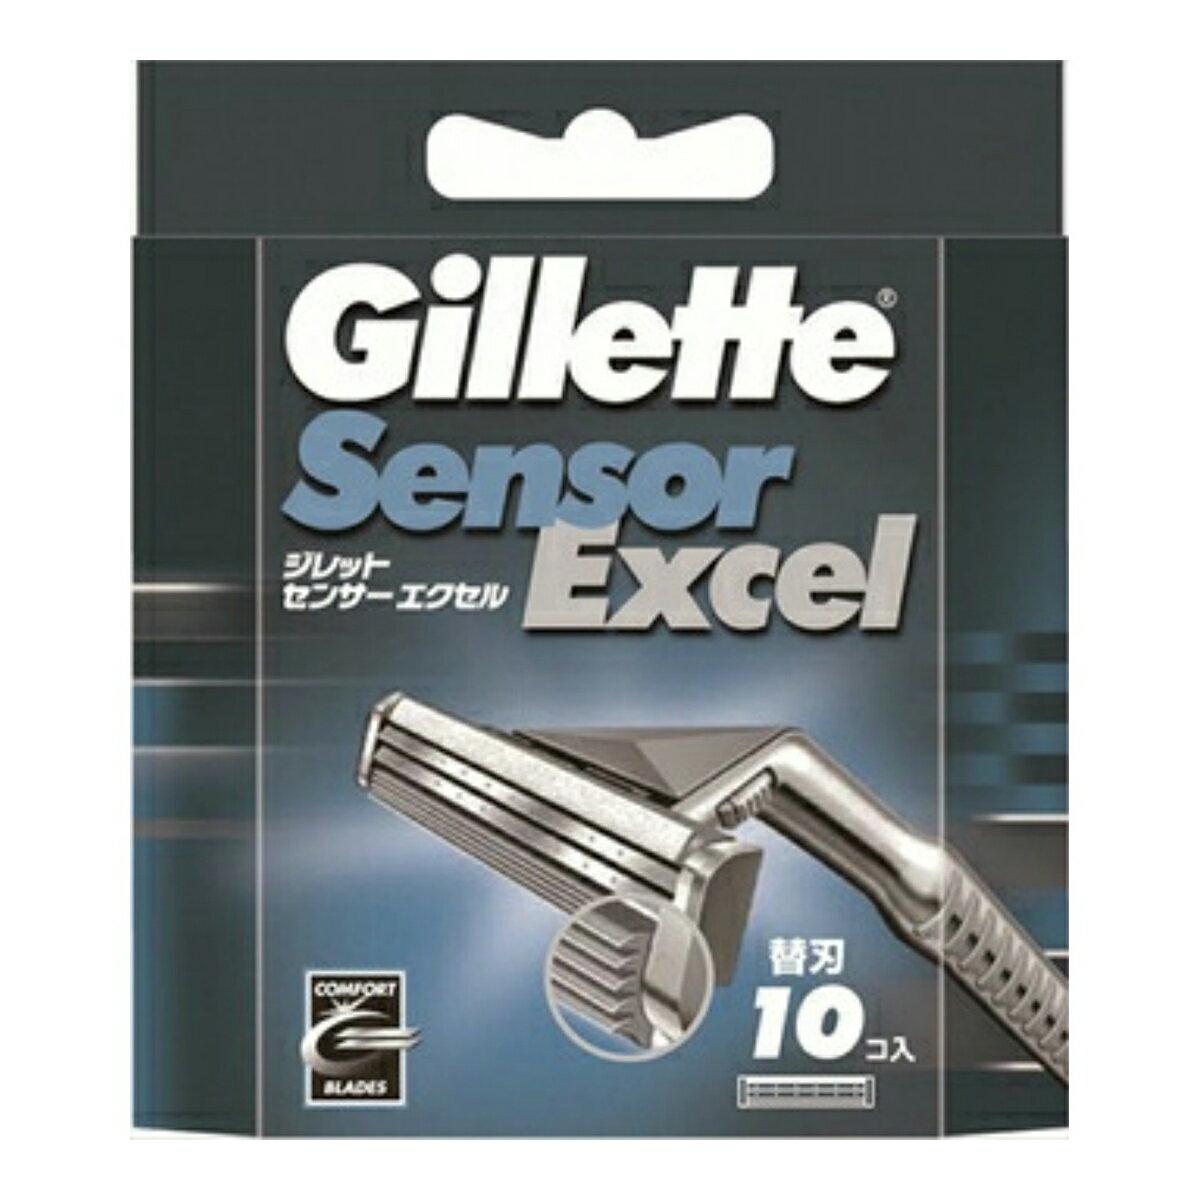 【送料無料・まとめ買い×5】P&G ジレット センサーエクセル専用替刃10個入 ×5点セット ( 4902430635035 )